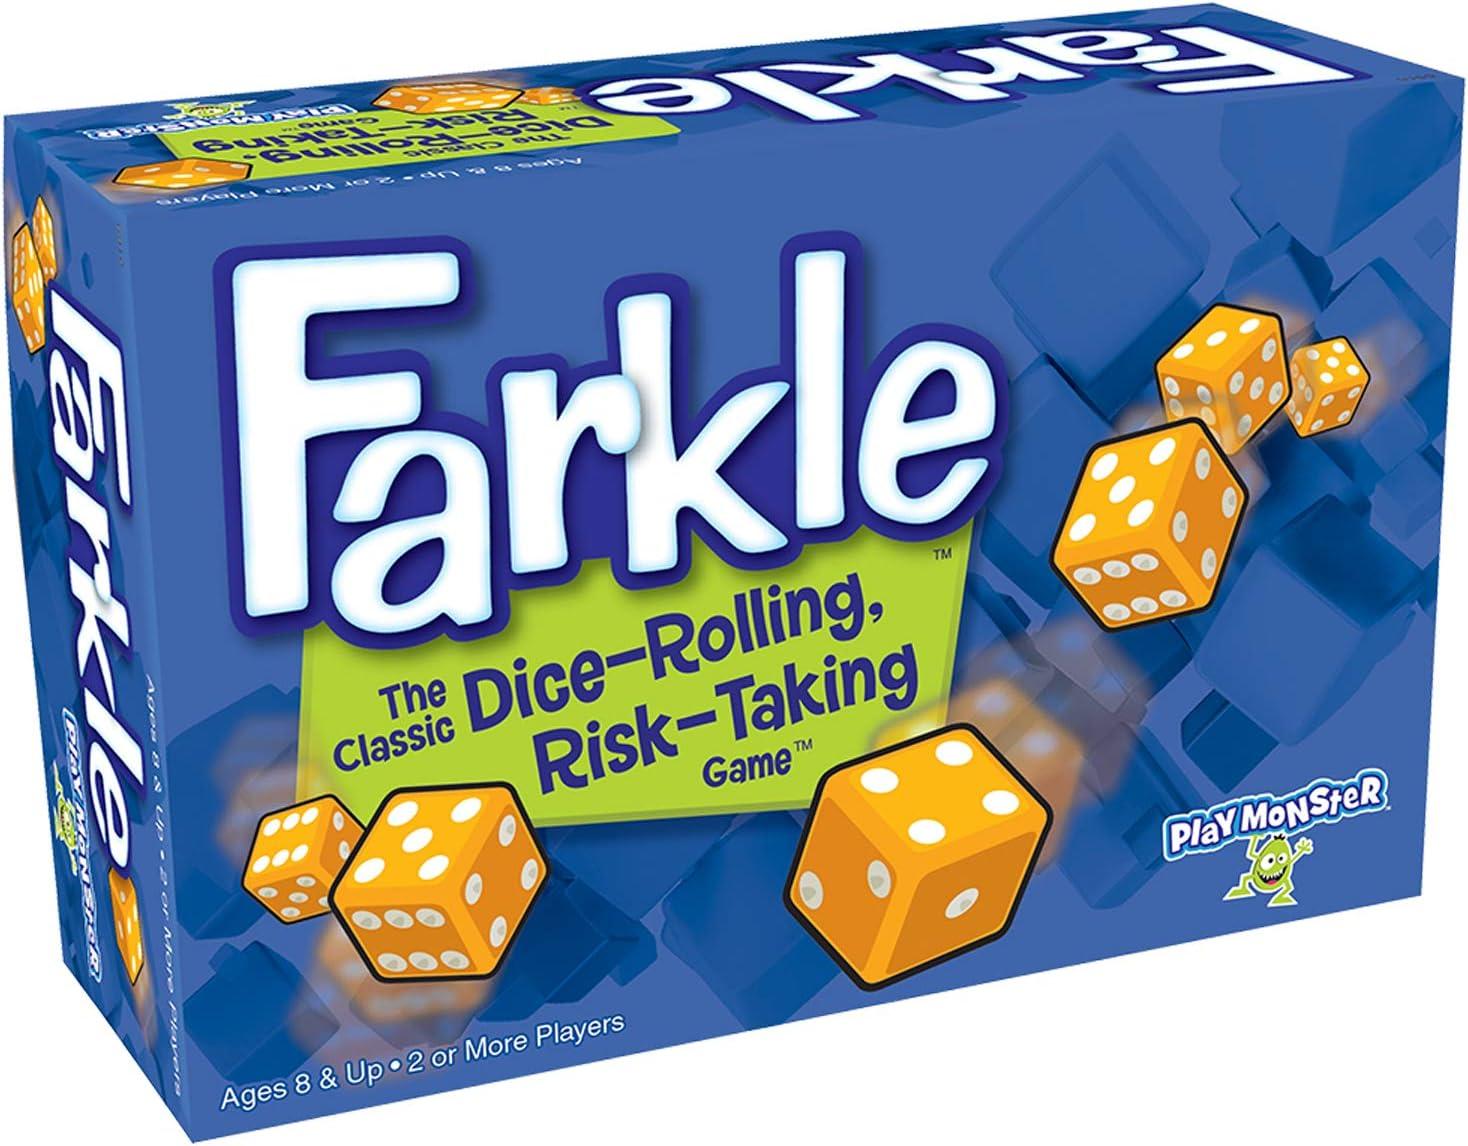 Patch Products Farkle Game Box - Caja de Juegos (2 Unidades), Multicolor: Amazon.es: Hogar